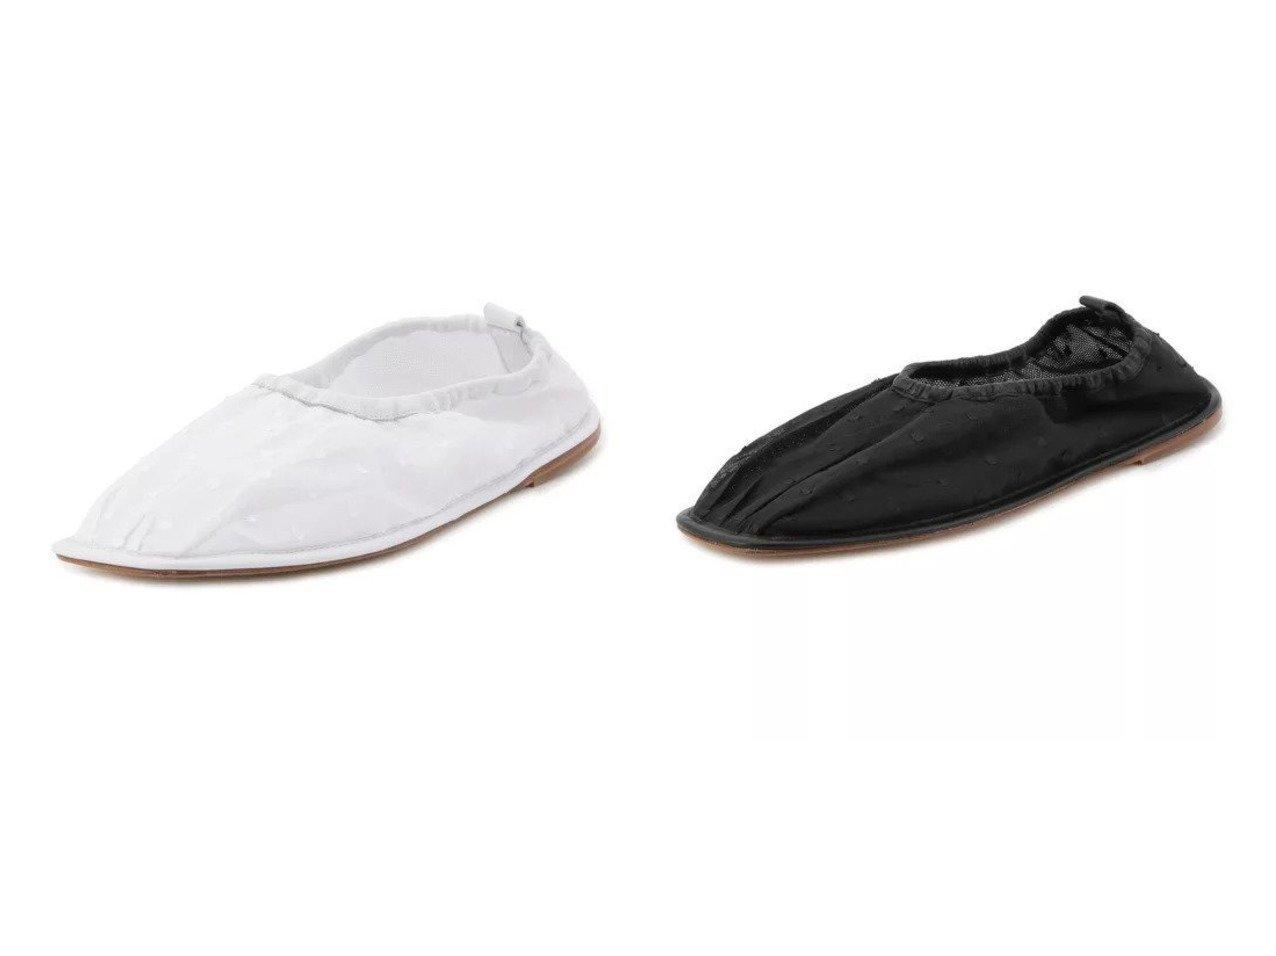 【CECILIE BAHNSEN/セシリー バンセン】のHYACINTH FLATS 【シューズ・靴】おすすめ!人気、トレンド・レディースファッションの通販 おすすめで人気の流行・トレンド、ファッションの通販商品 インテリア・家具・メンズファッション・キッズファッション・レディースファッション・服の通販 founy(ファニー) https://founy.com/ ファッション Fashion レディースファッション WOMEN 2021年 2021 2021春夏・S/S SS/Spring/Summer/2021 S/S・春夏 SS・Spring/Summer シューズ スリッポン ドット フラット 春 Spring 洗える |ID:crp329100000045167